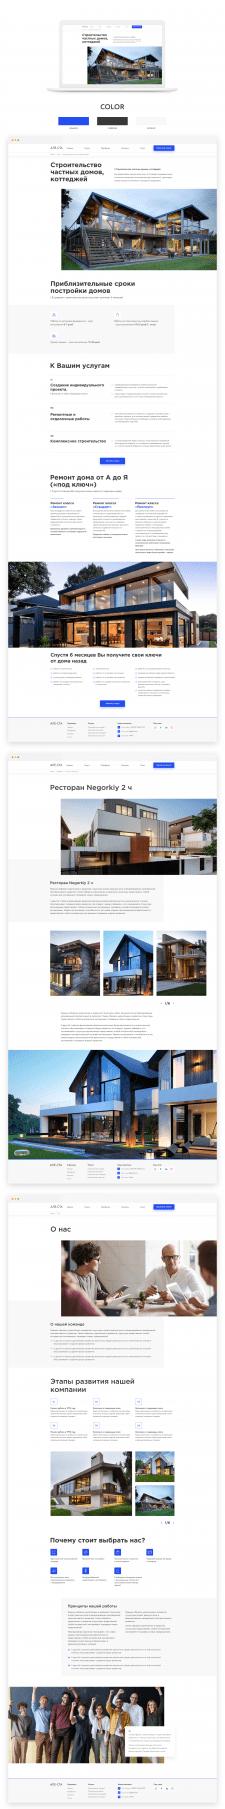 Але-ста - сайт визитка строительной компании